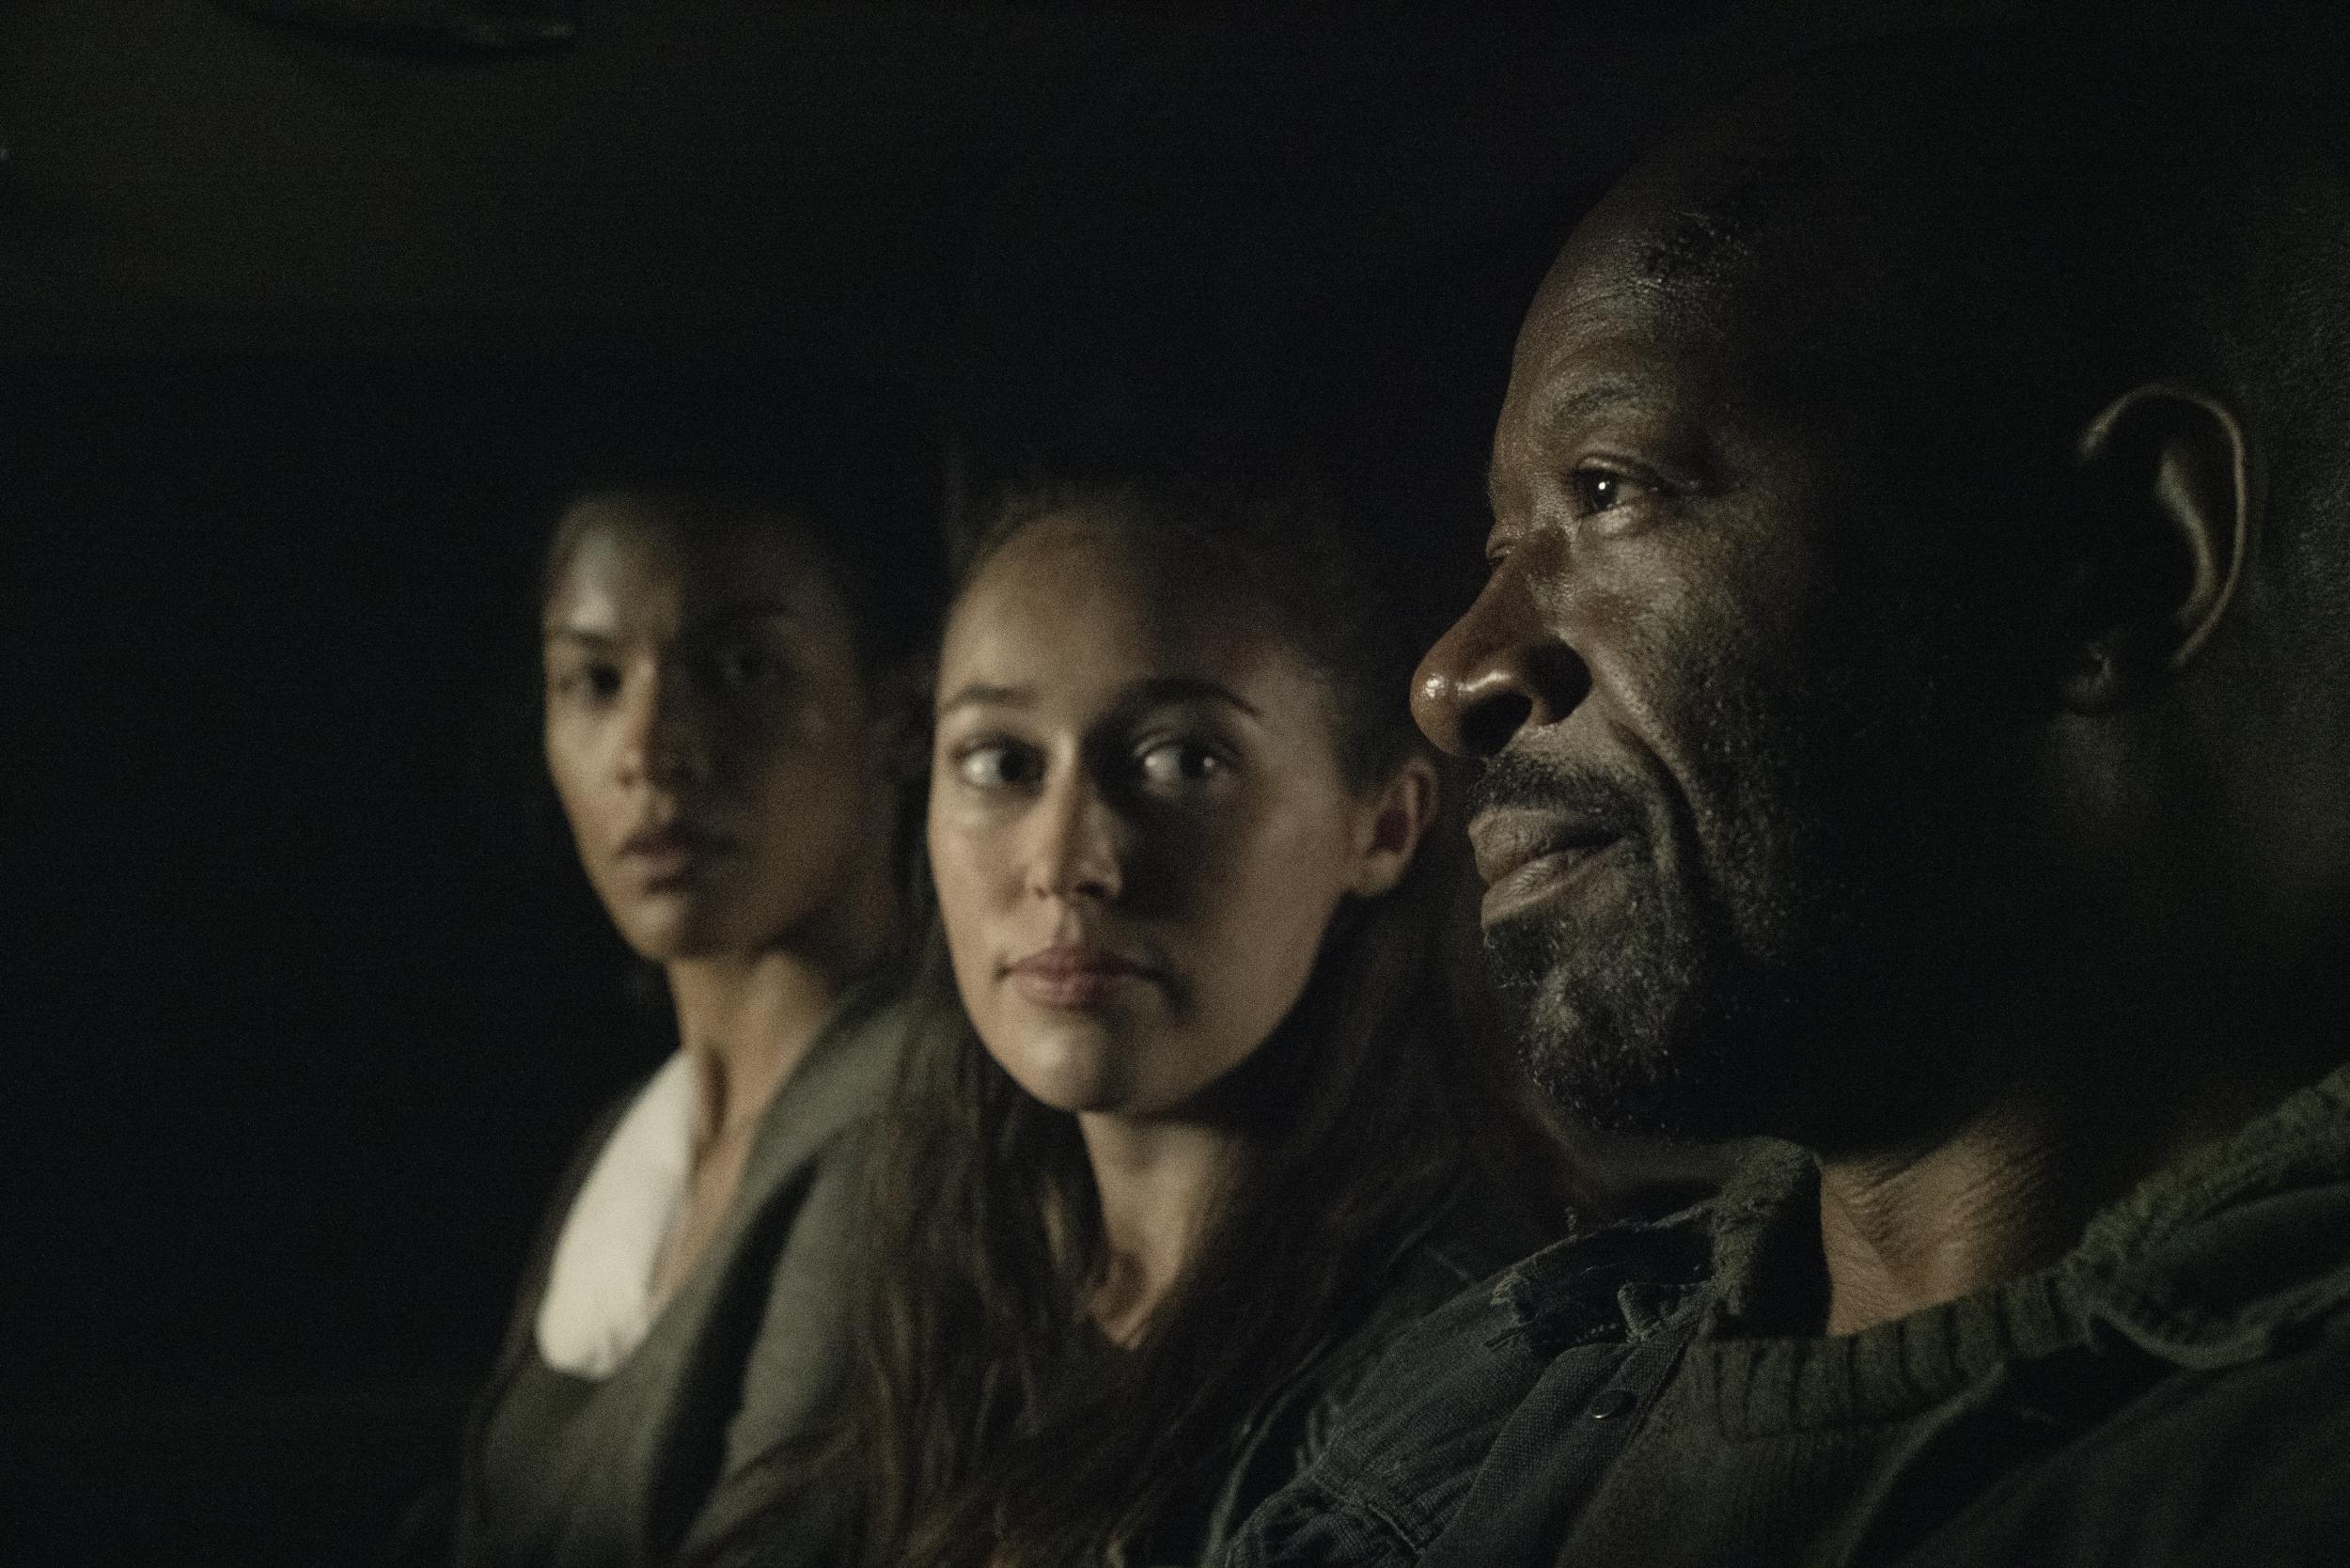 Fear The Walking Dead' Season 5 Episode 3 Spoilers